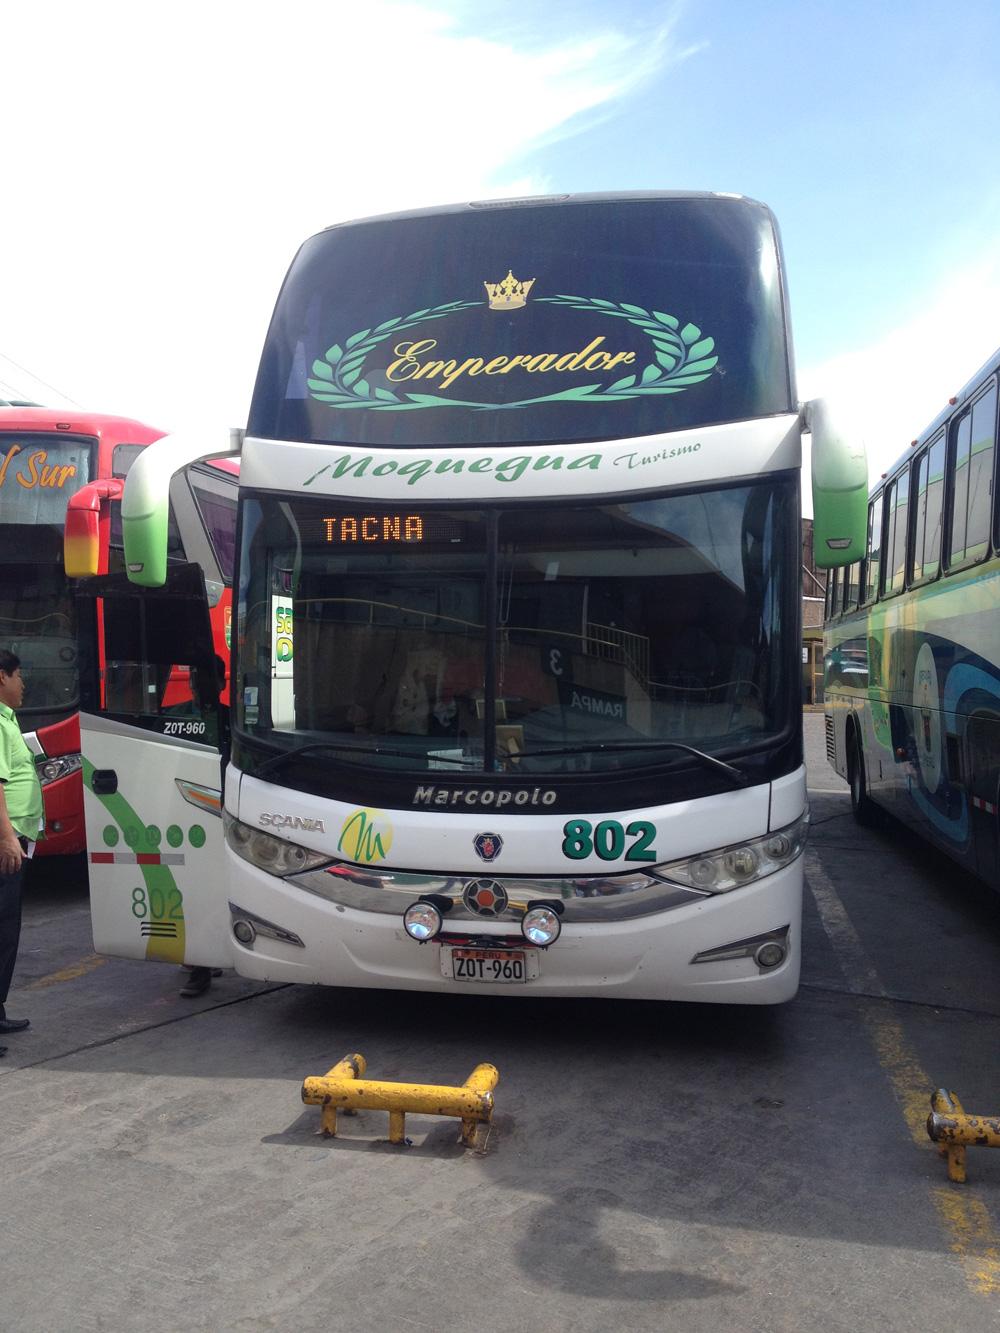 アレキパ発タクナ行きのバス